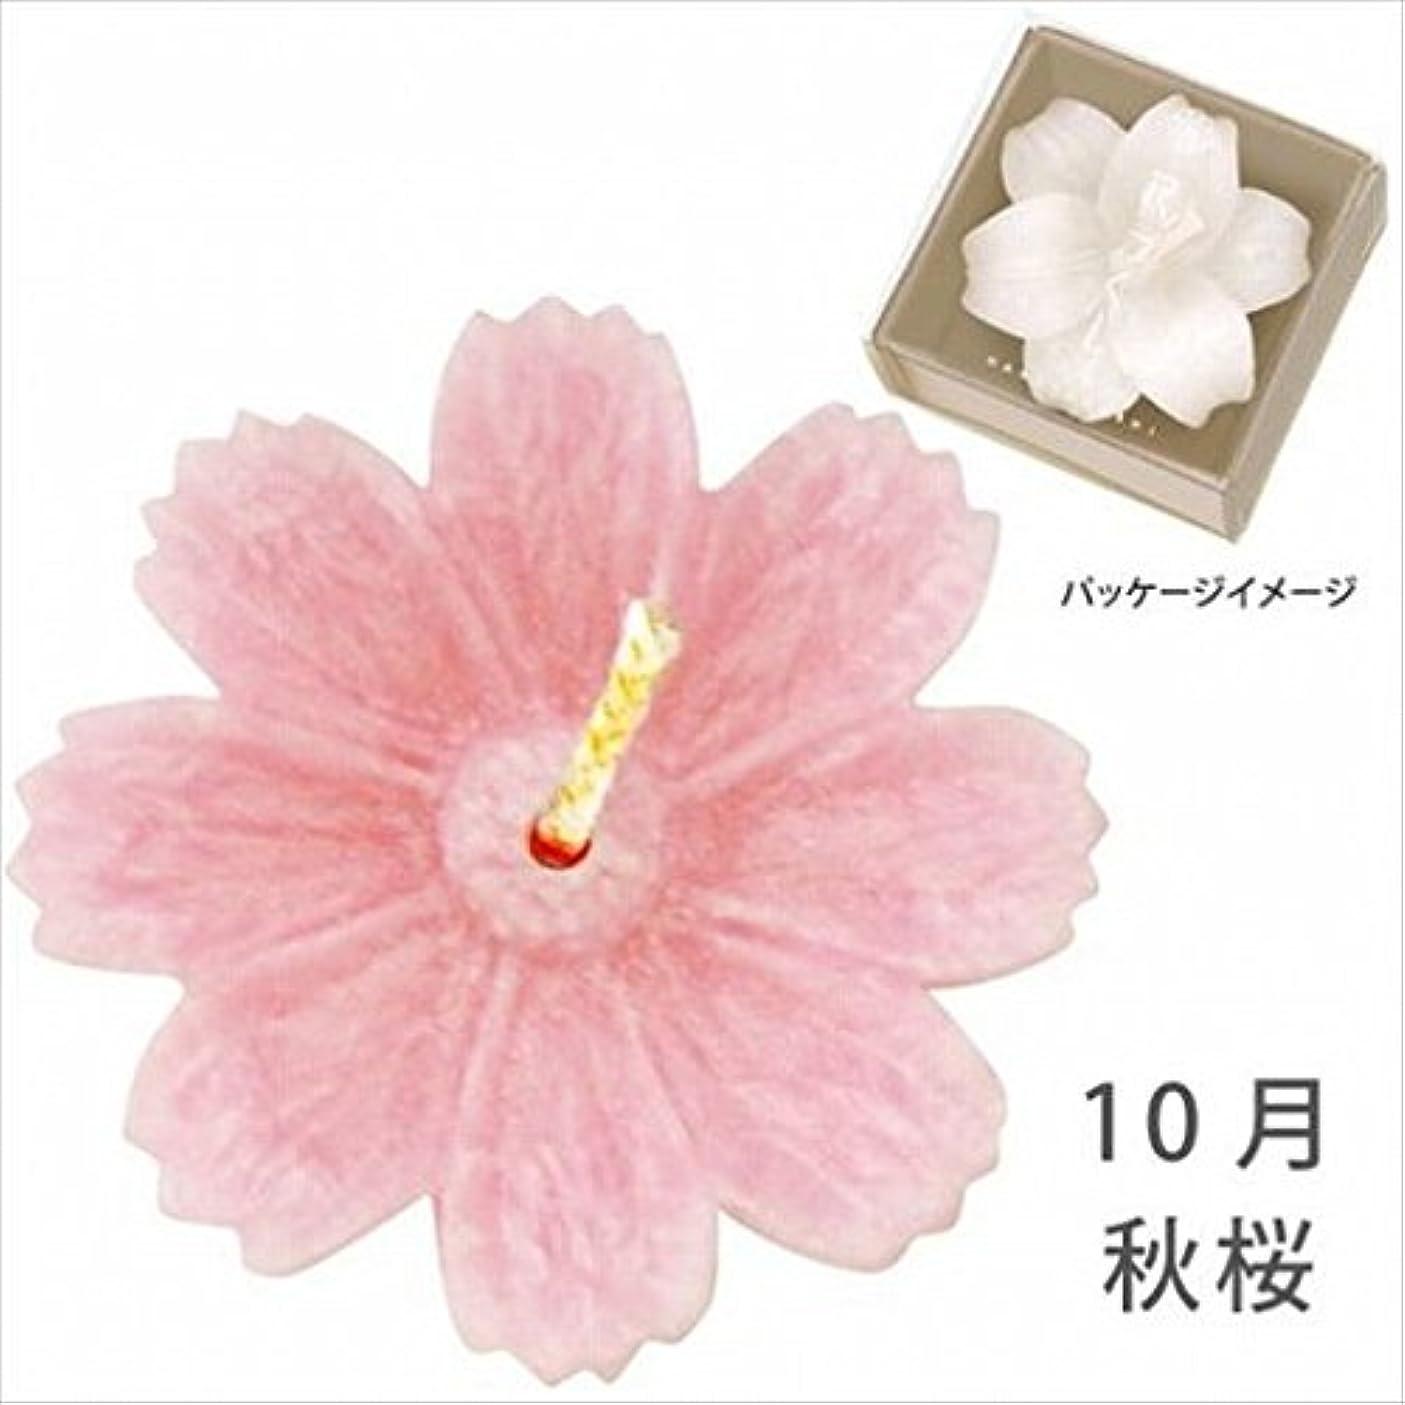 結婚する帰する結婚するkameyama candle(カメヤマキャンドル) 花づくし(植物性) 秋桜 「 秋桜(10月) 」 キャンドル(A4620515)